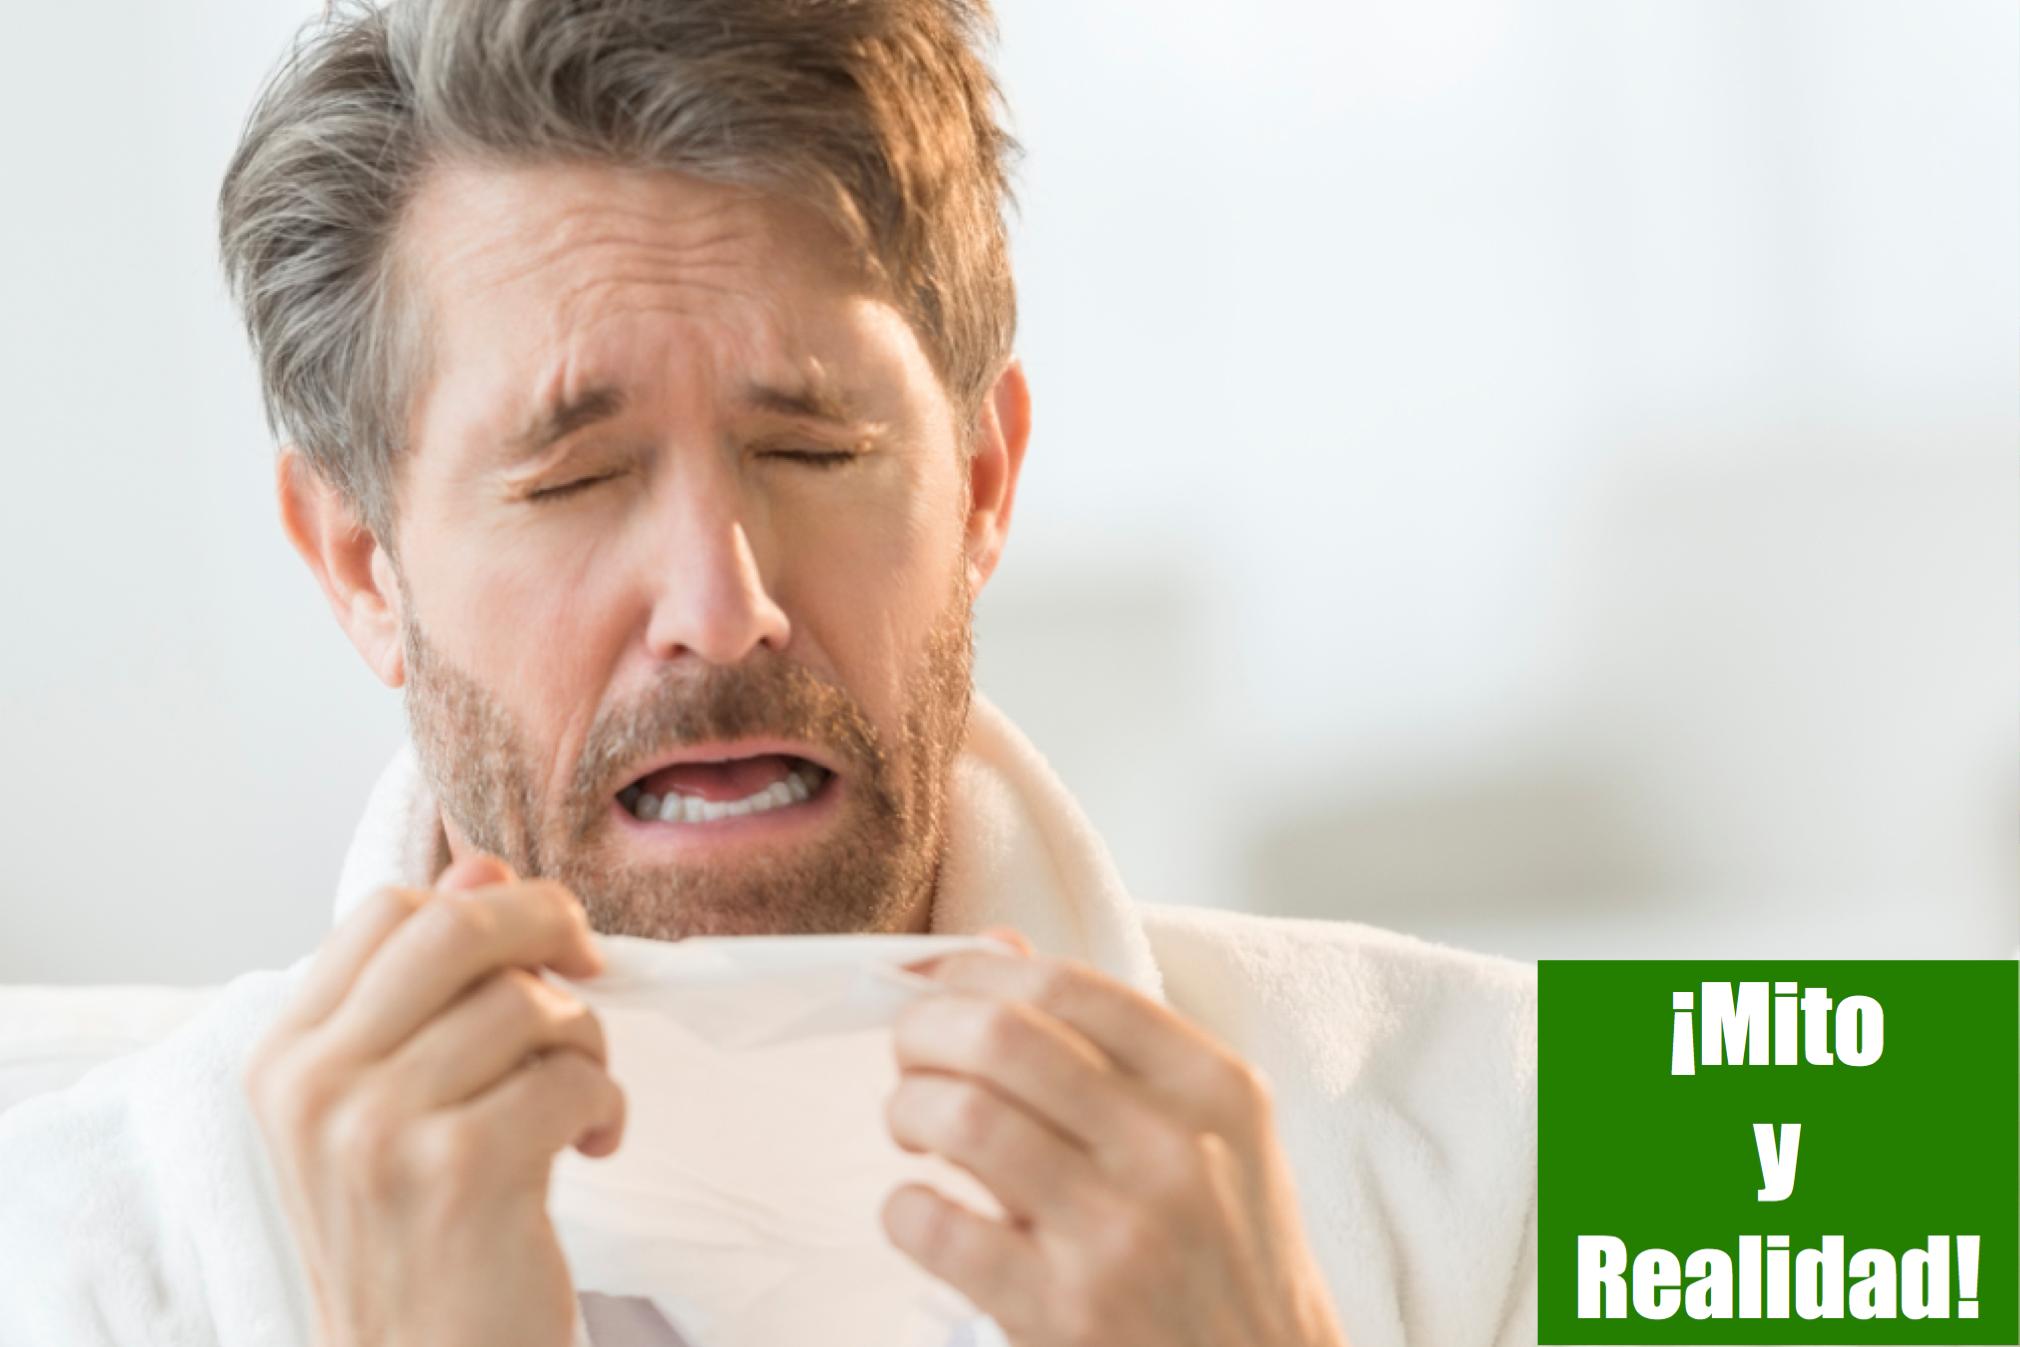 ¡Mito y realidad! #35 (La gripe y los resfriados)